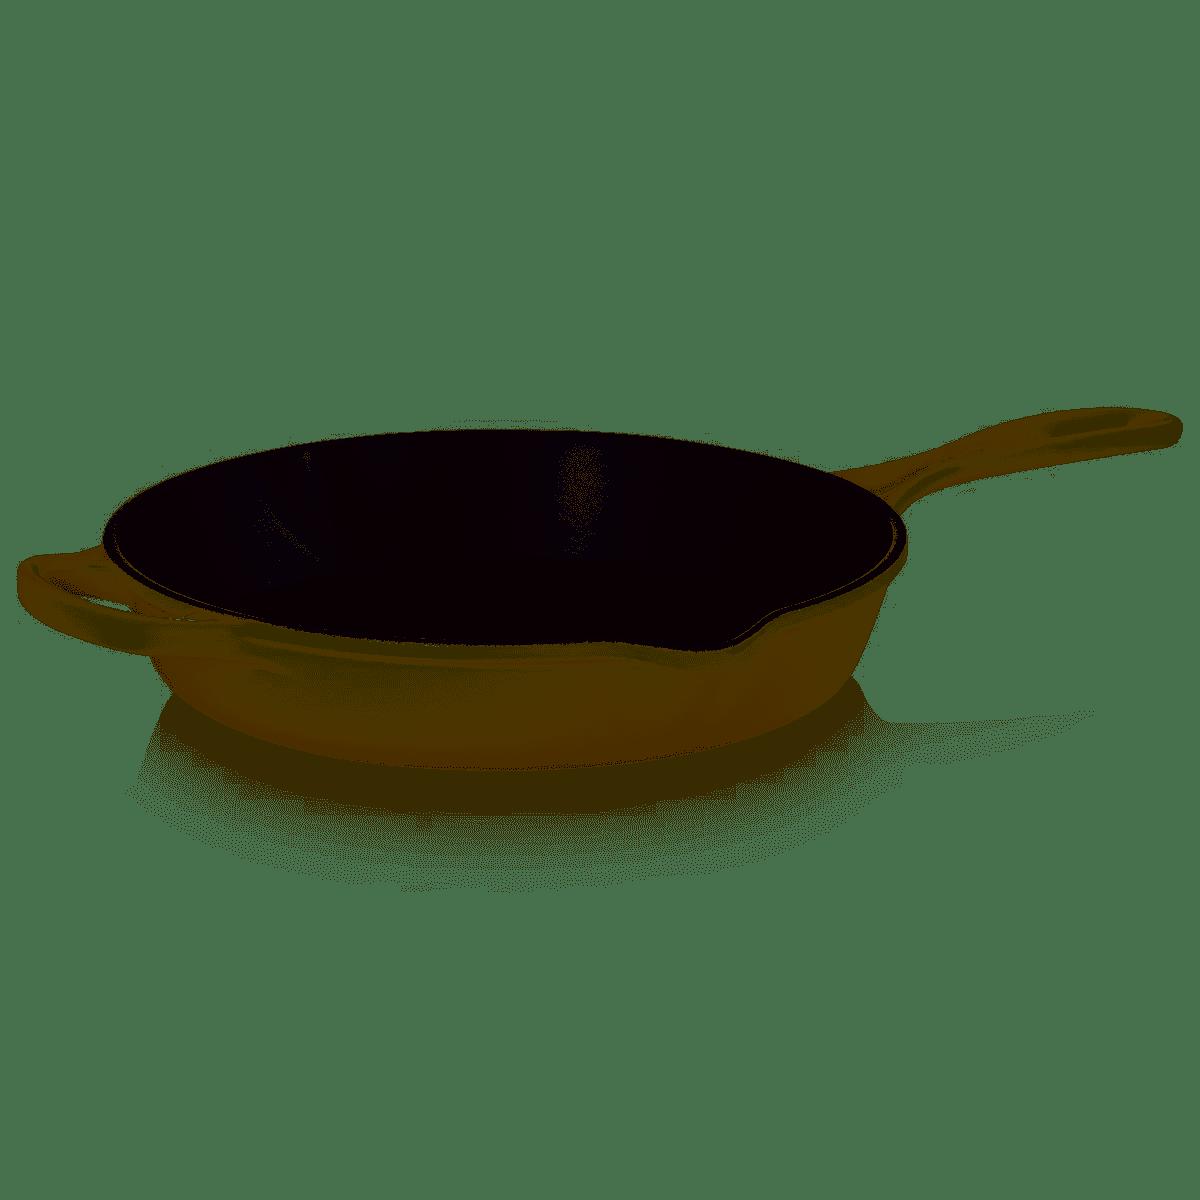 LE CREUSET - Koekenpan - Hoge Skillet 26cm Meringue